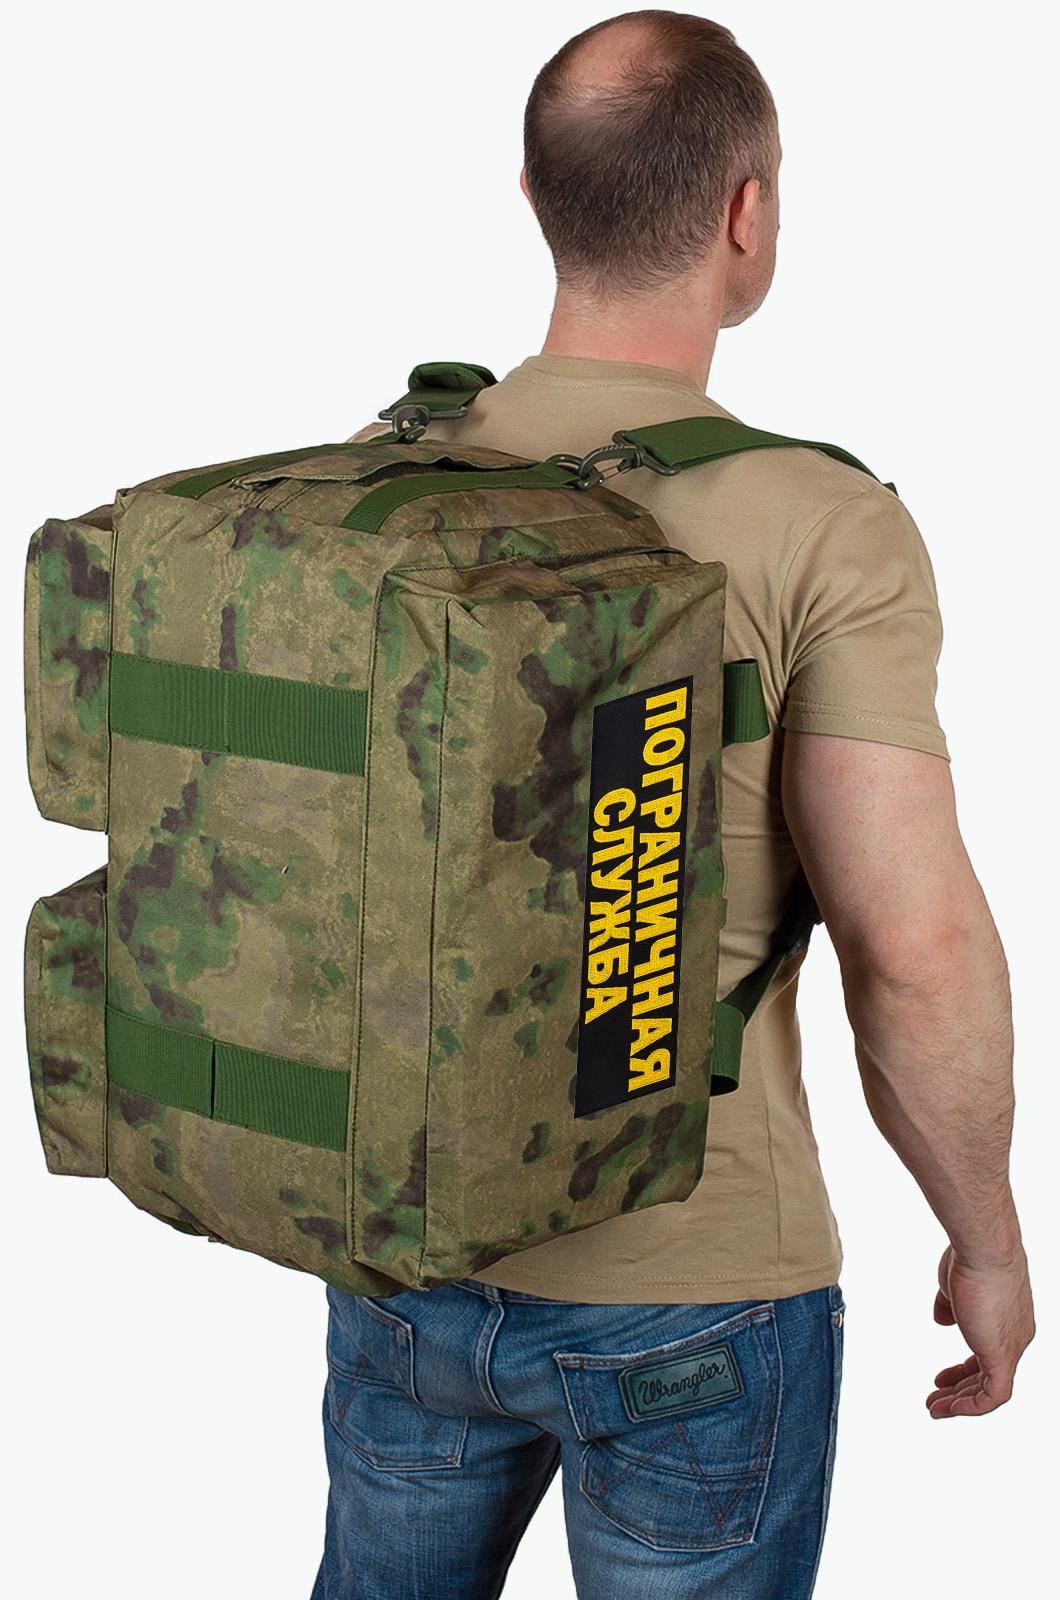 Купить походную камуфляжную сумку Пограничная Служба по специальной цене